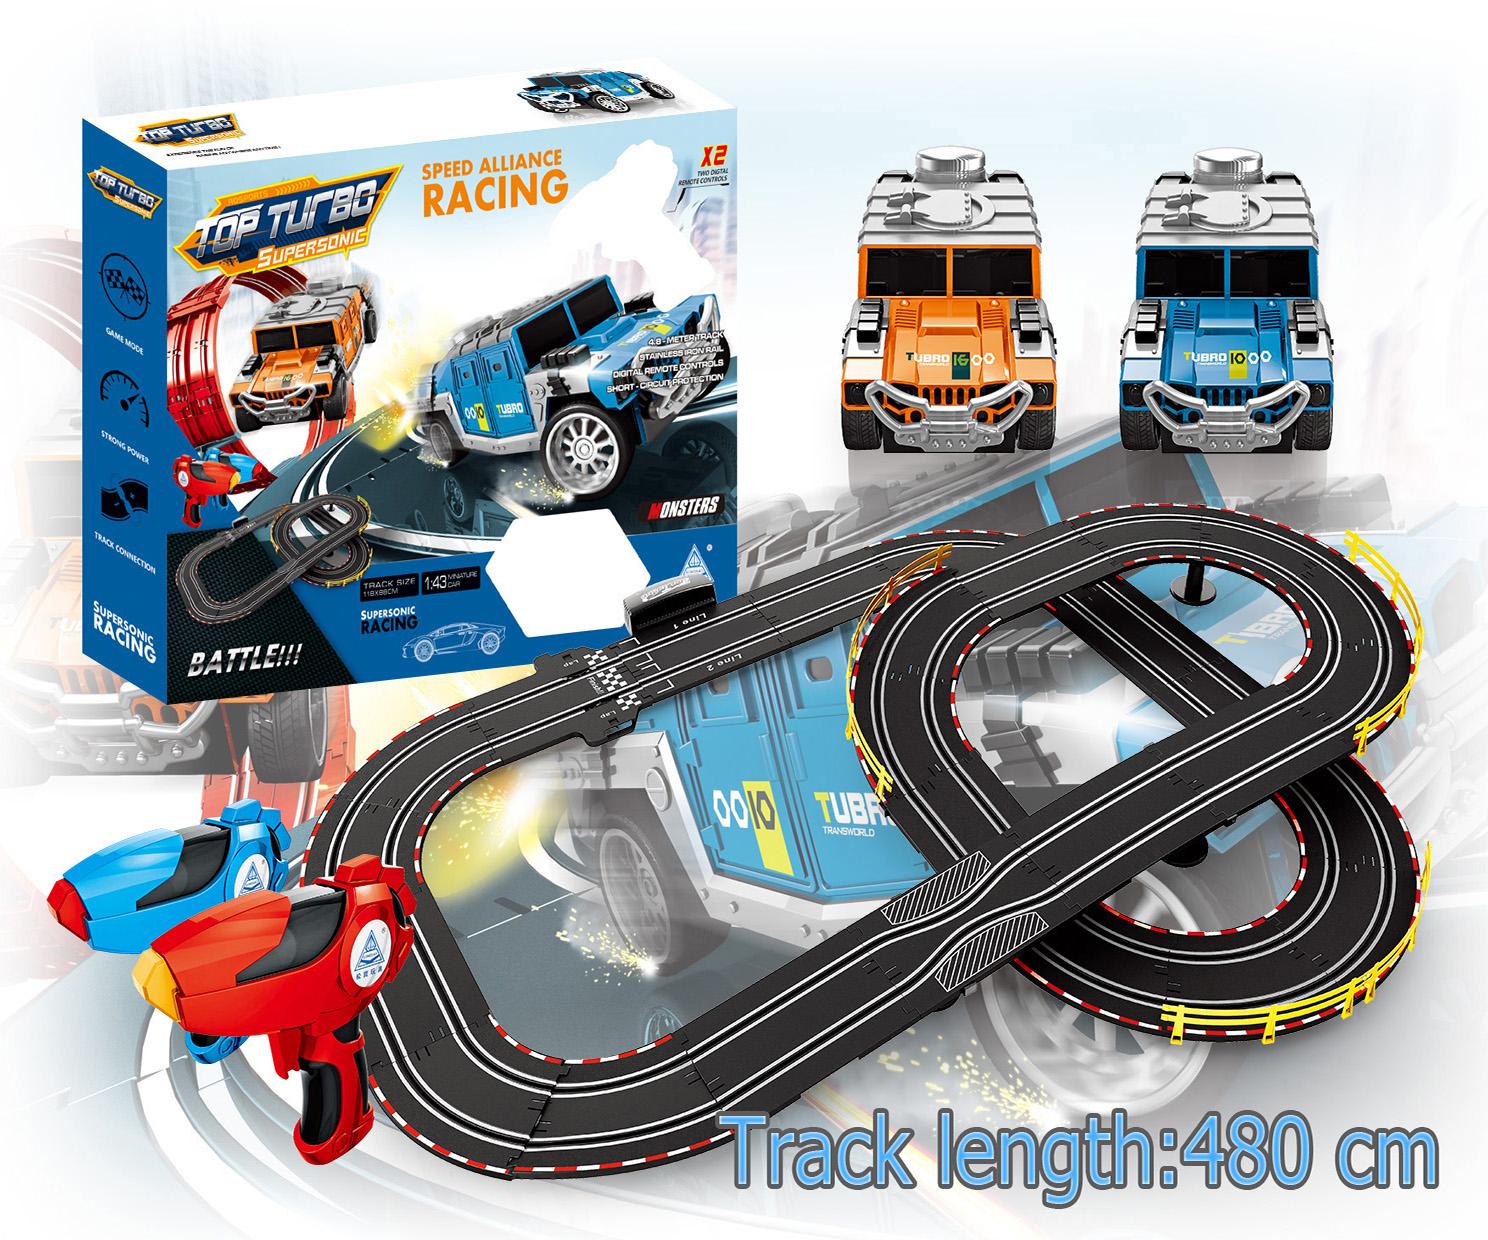 Soba 480CM 1:43 rc toy mini jeep toys car slot car track Shantou toys